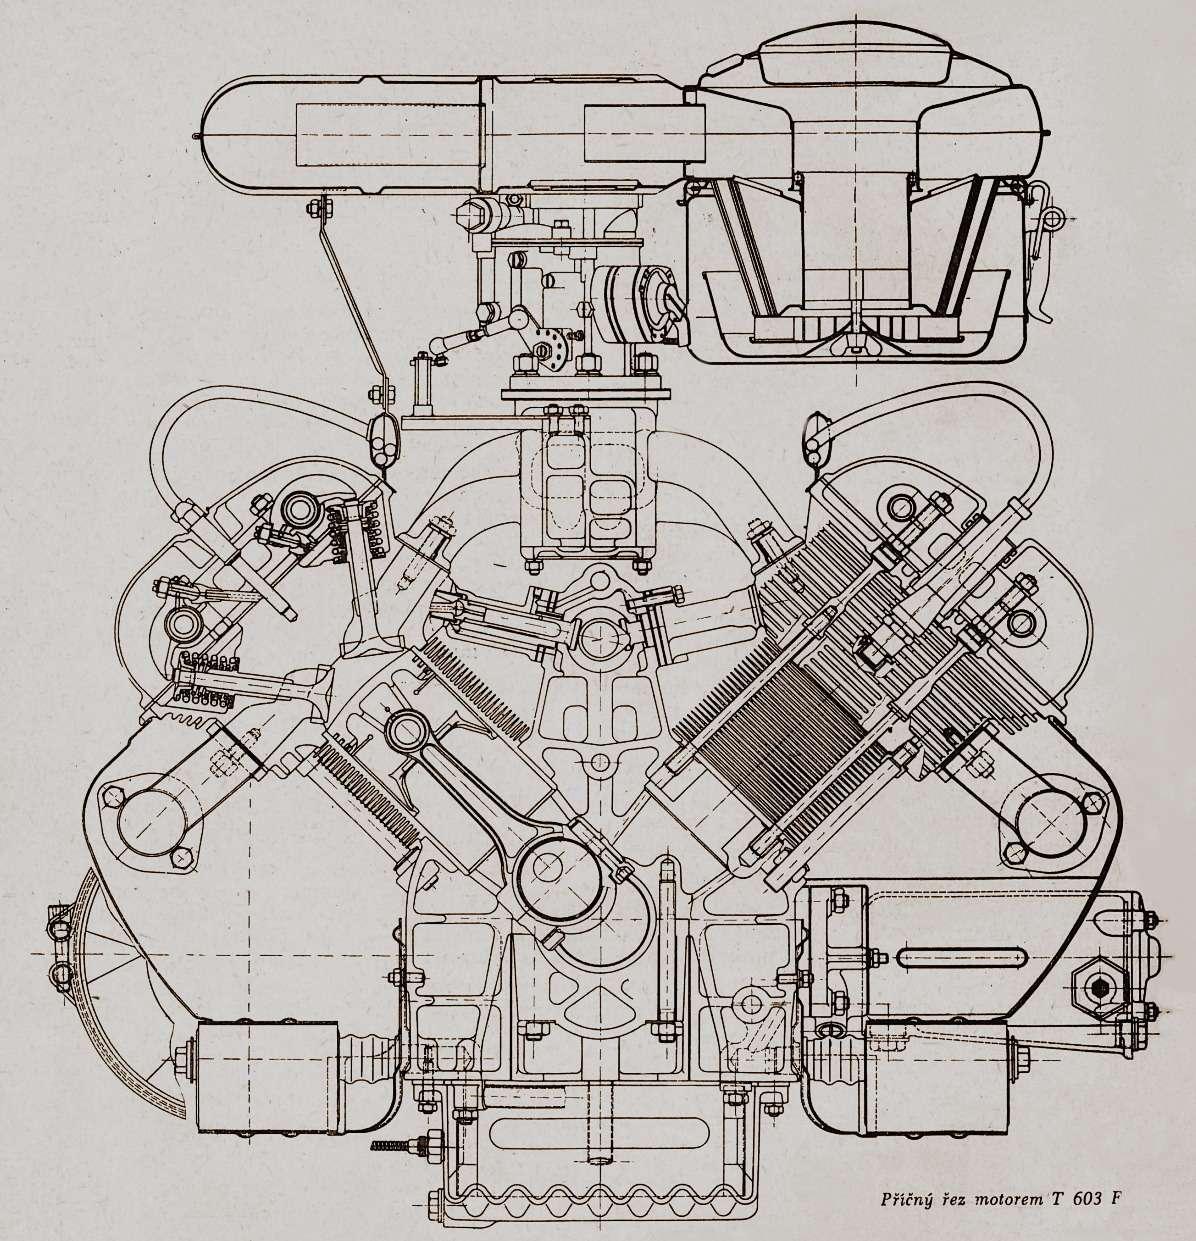 Двигатель V8рабочим объемом 2,45л был спроектирован подруководством Юлиуса Мацкерле Юрием Клосом иЙозефом Свободой